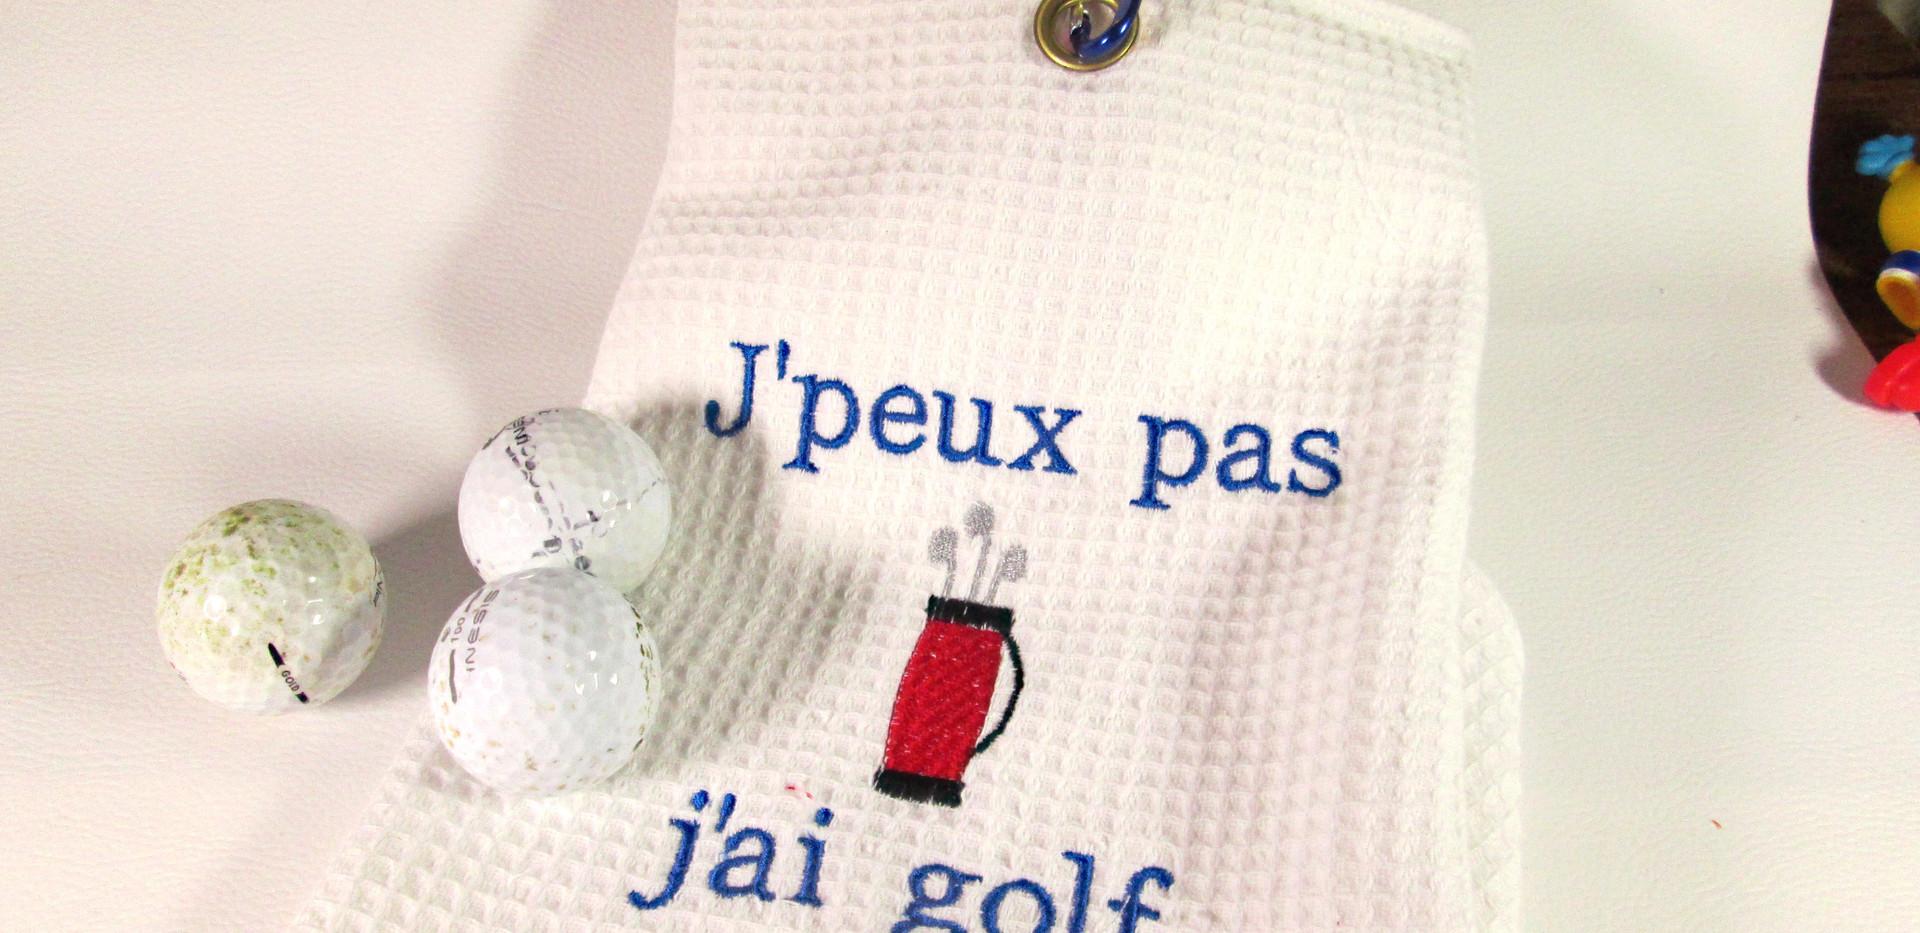 serviettes de golf 014co.jpg